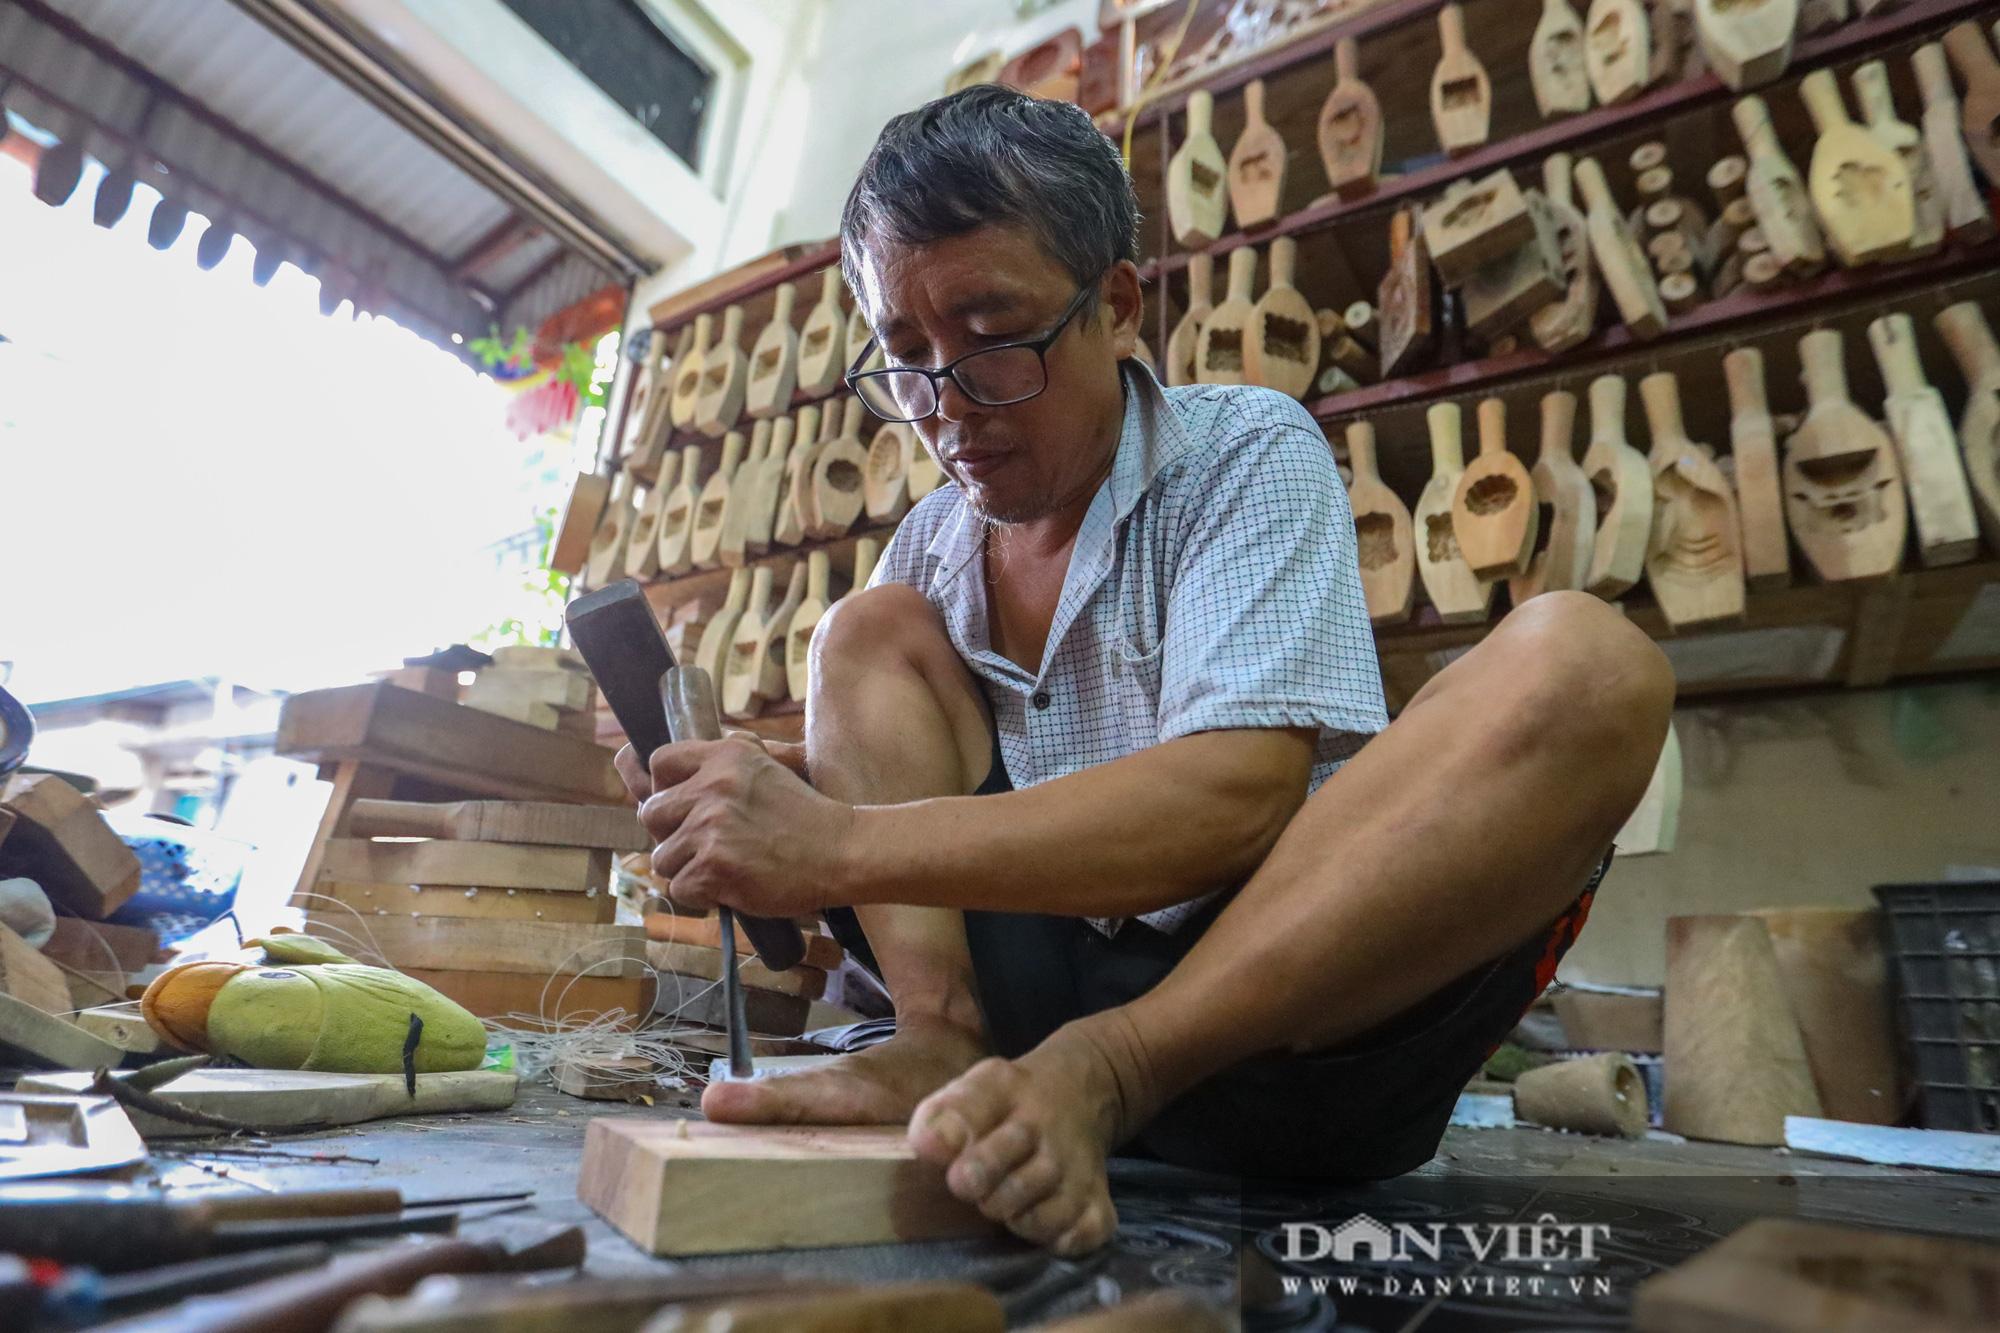 Chiêm ngưỡng kỹ năng điêu luyện của người đàn ông 40 năm làm khuôn bánh trung thu - Ảnh 8.